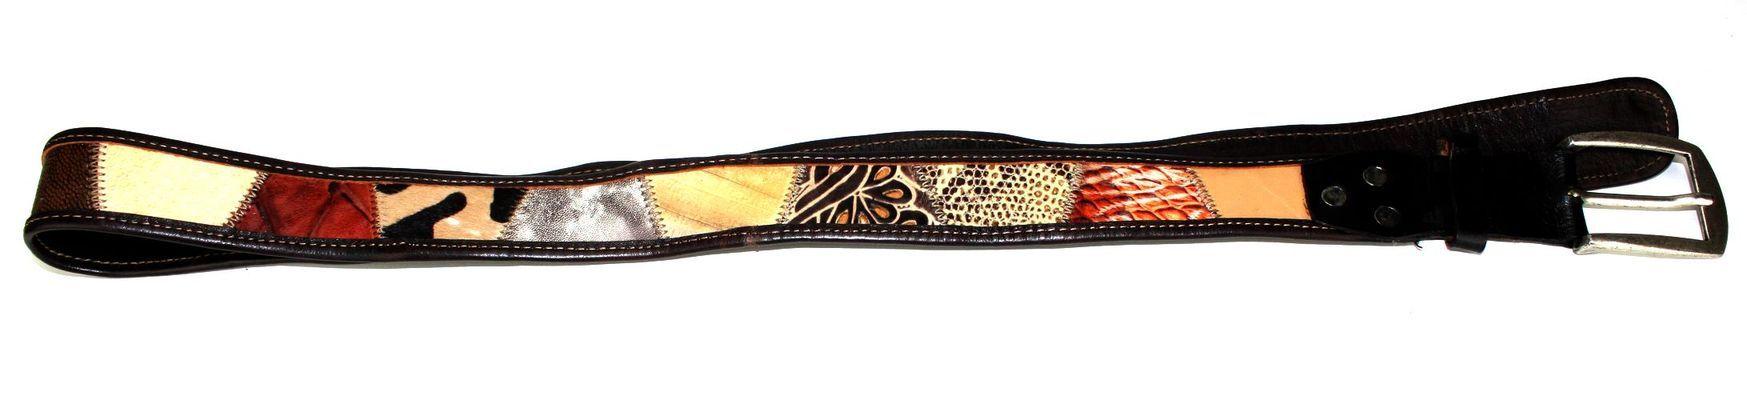 Ceinture artisanale en cuir